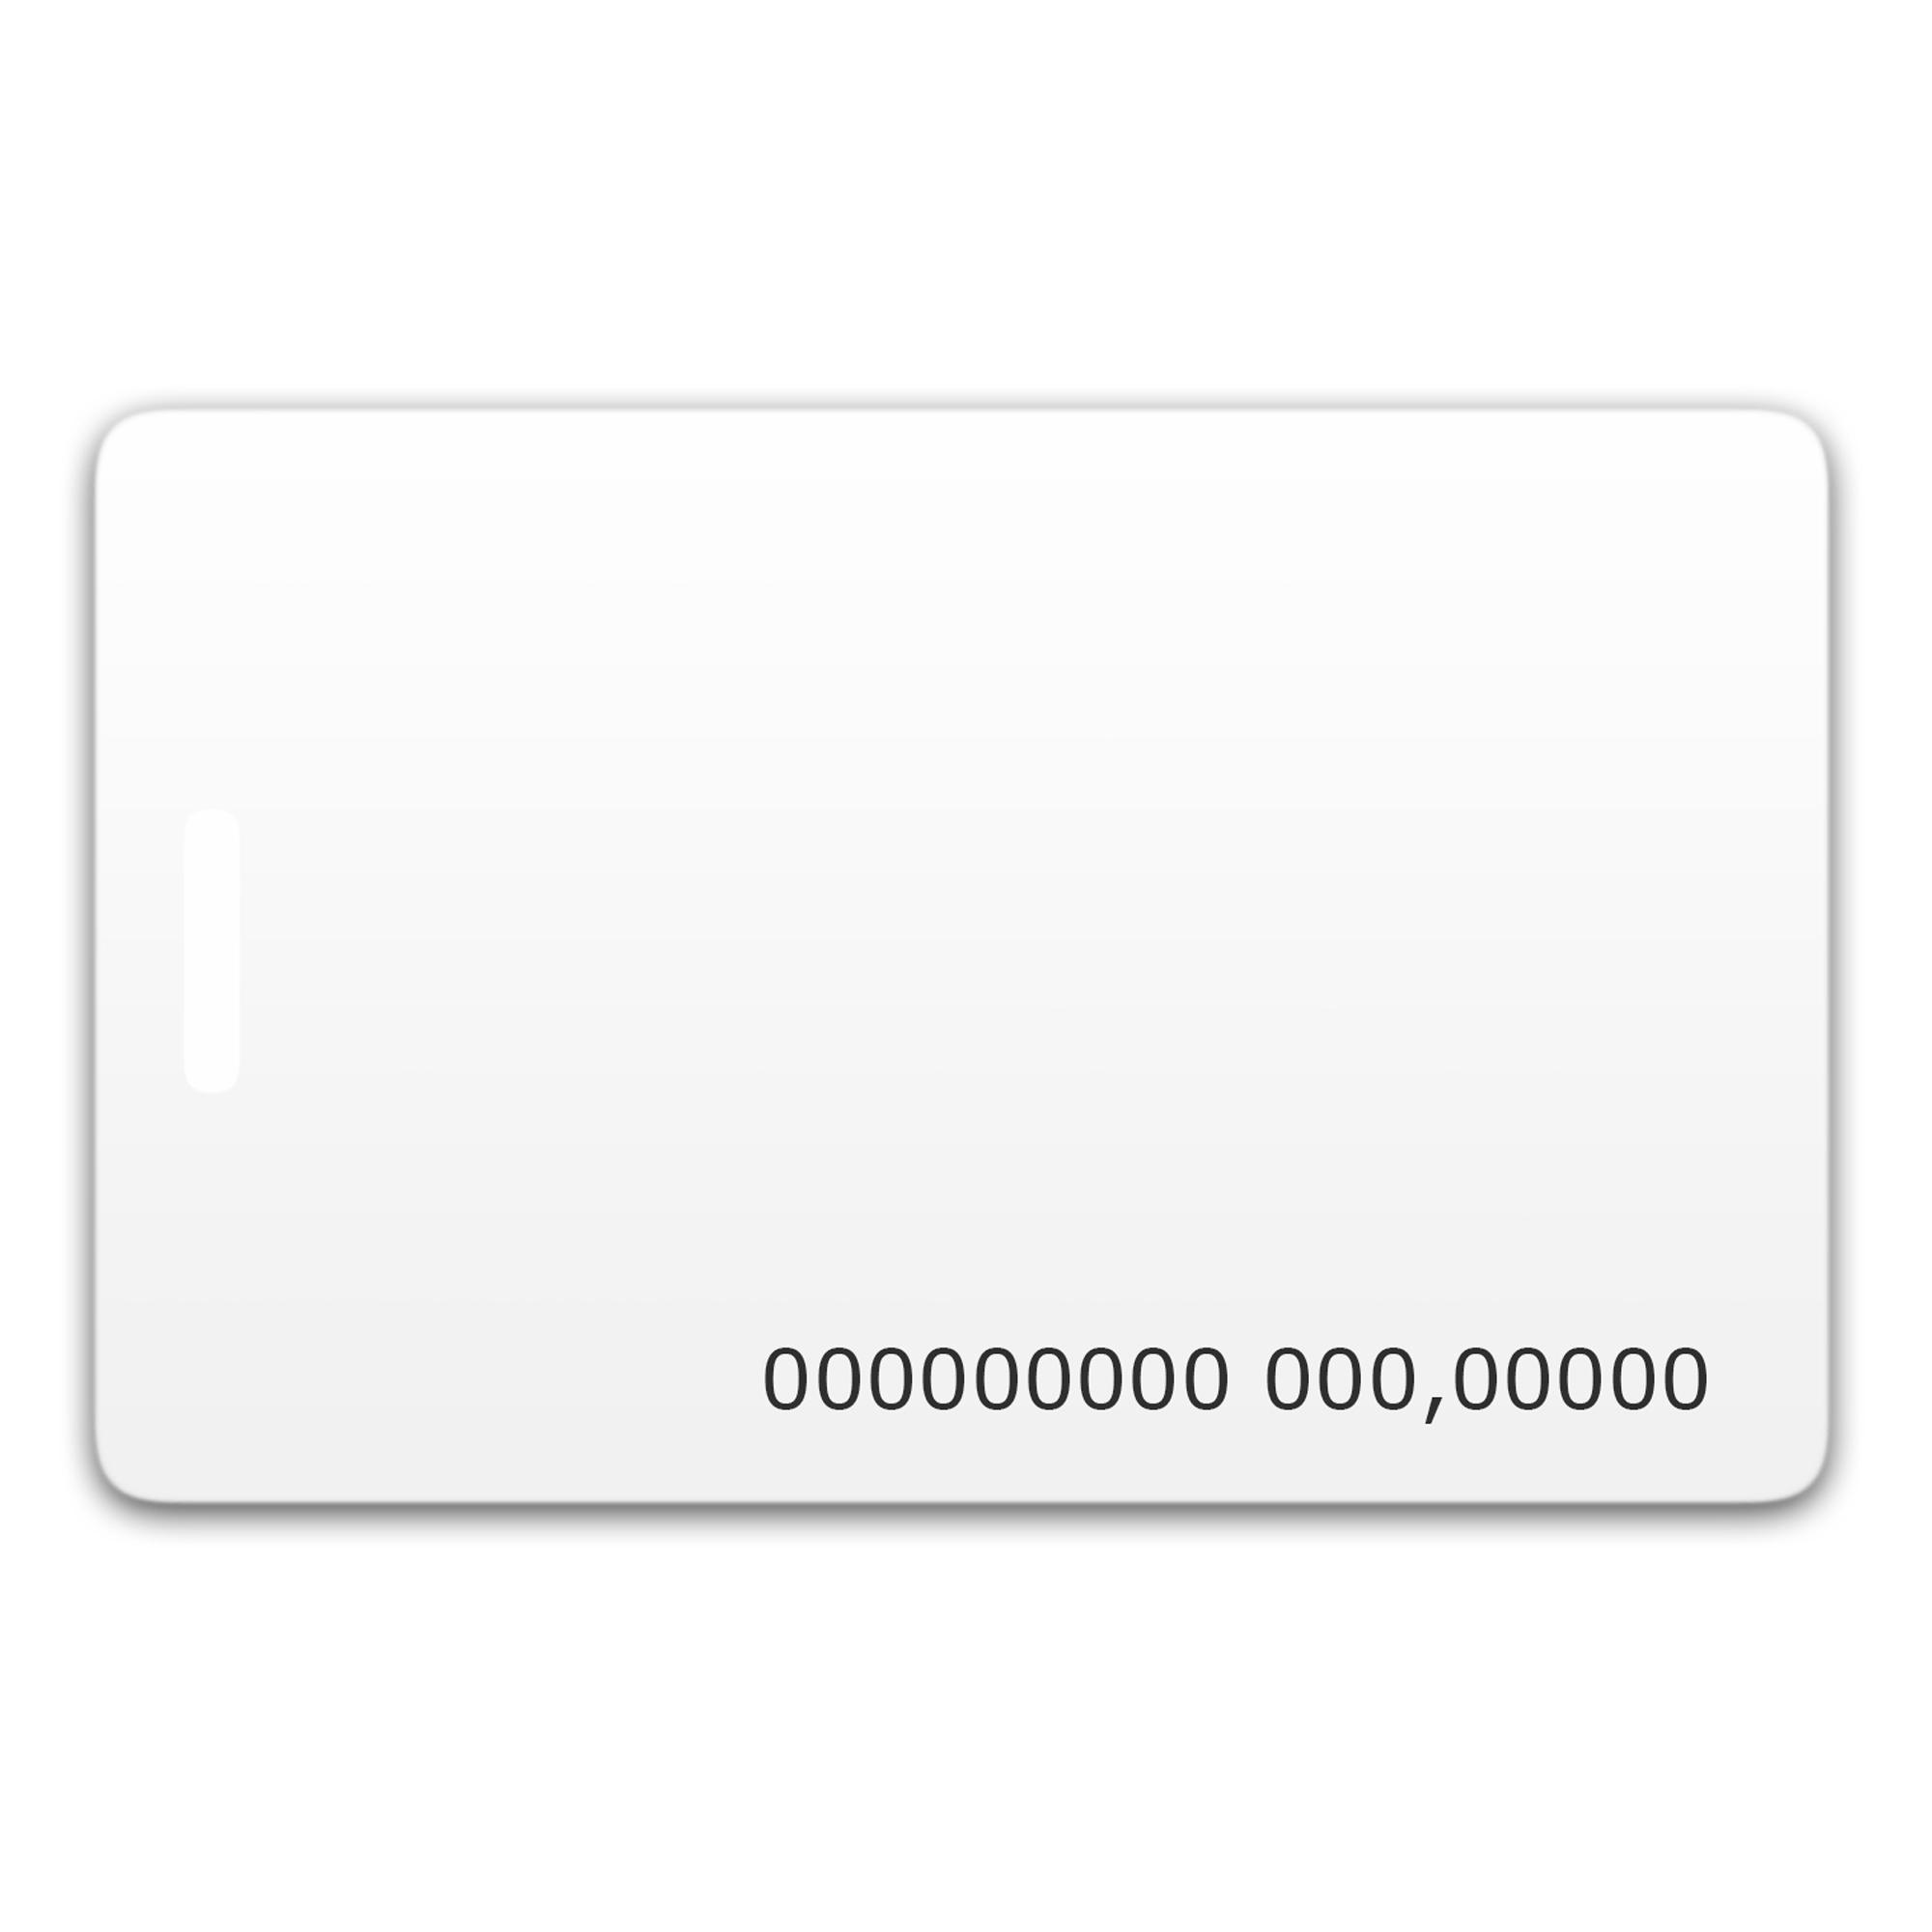 Chip-UA | Бесконтактная пластиковая RFID-карта с номером с чипом Mifare Ultralight C